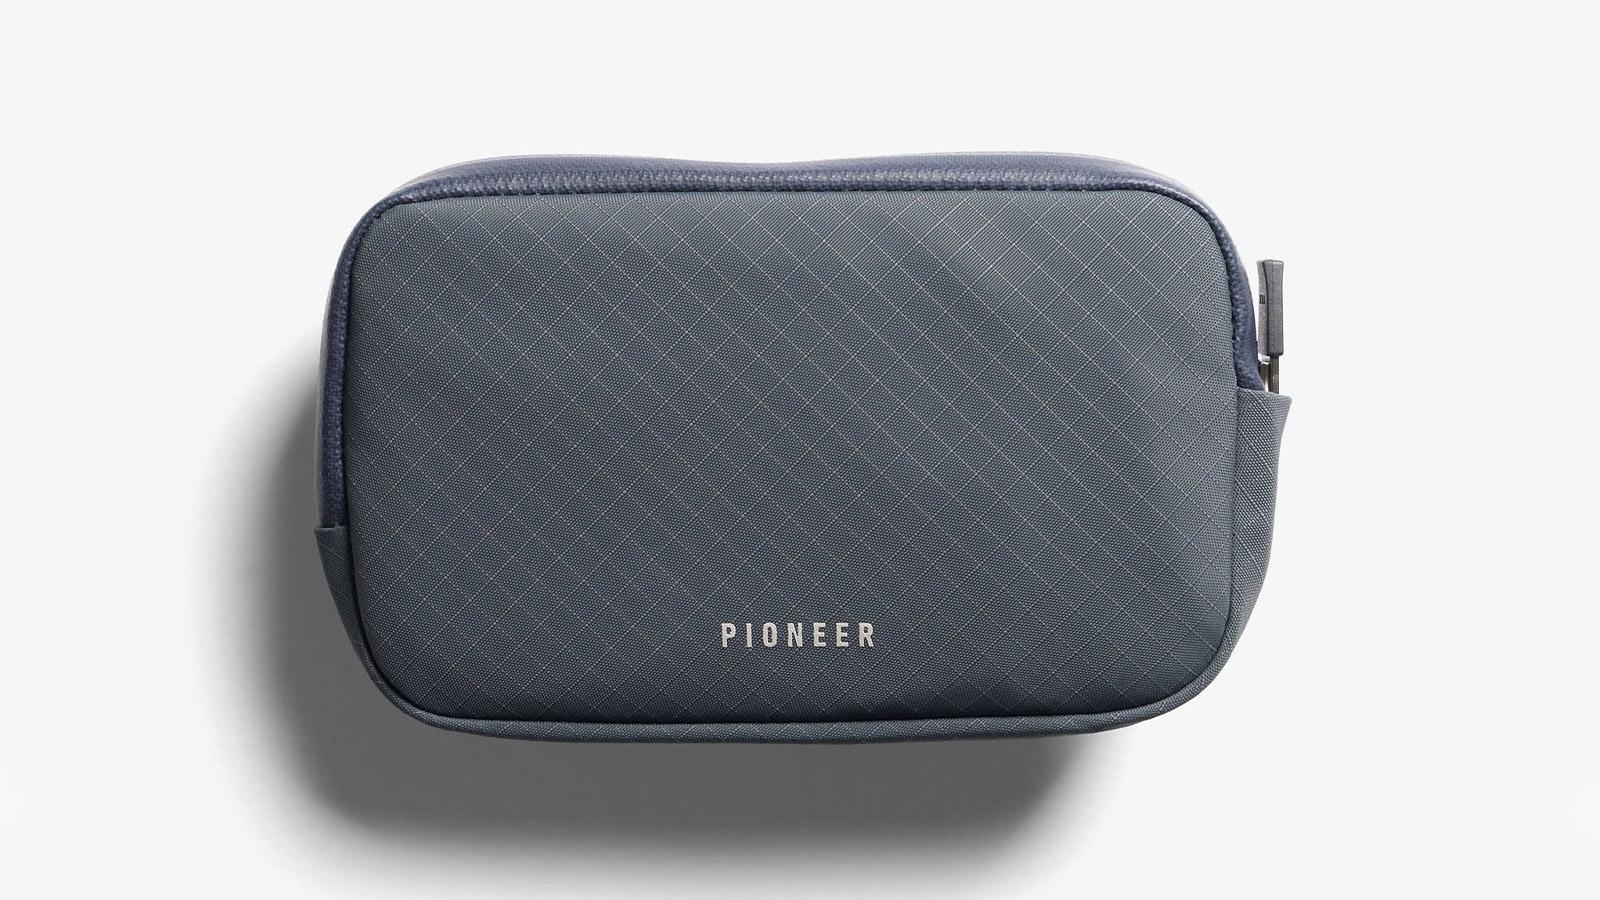 Pioneer Commuter Zip Wallet